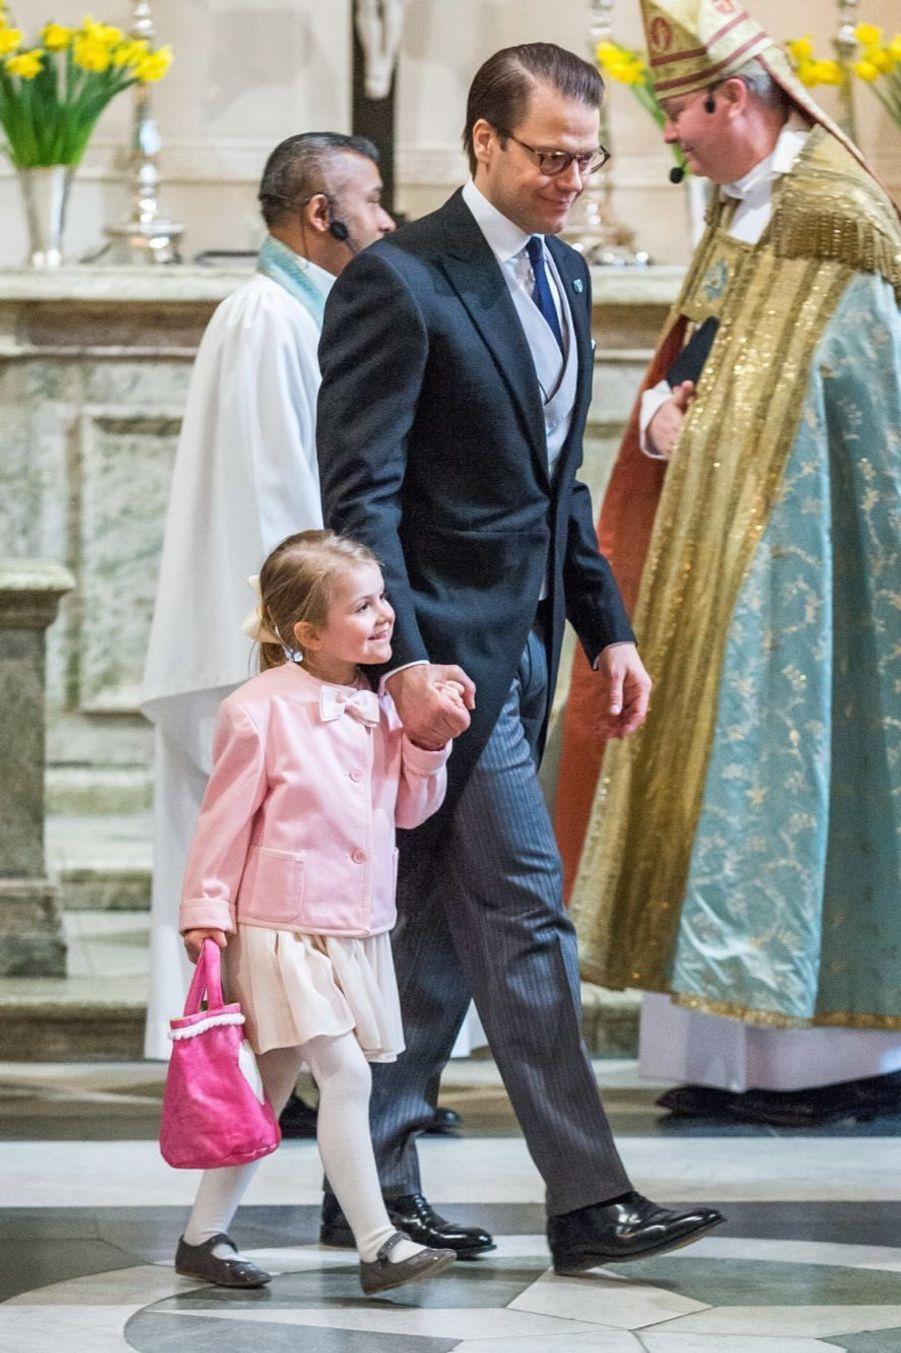 La princesse Estelle et le prince Daniel, lors de la cérémonie en la chapelle royale